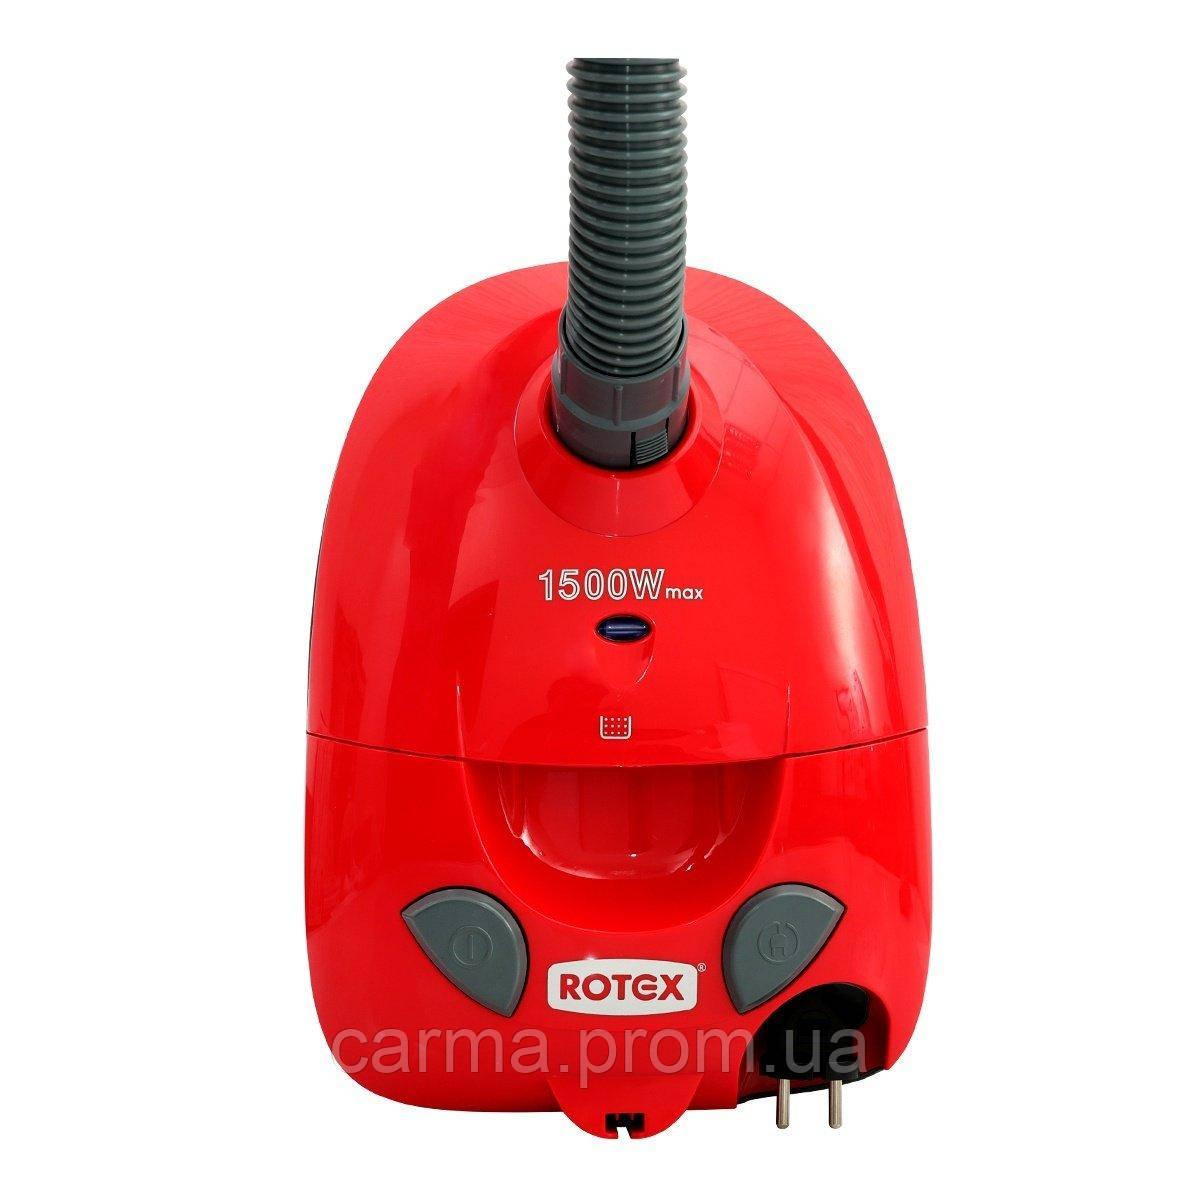 Пылесос для сухой уборки Rotex RVB01-P Red